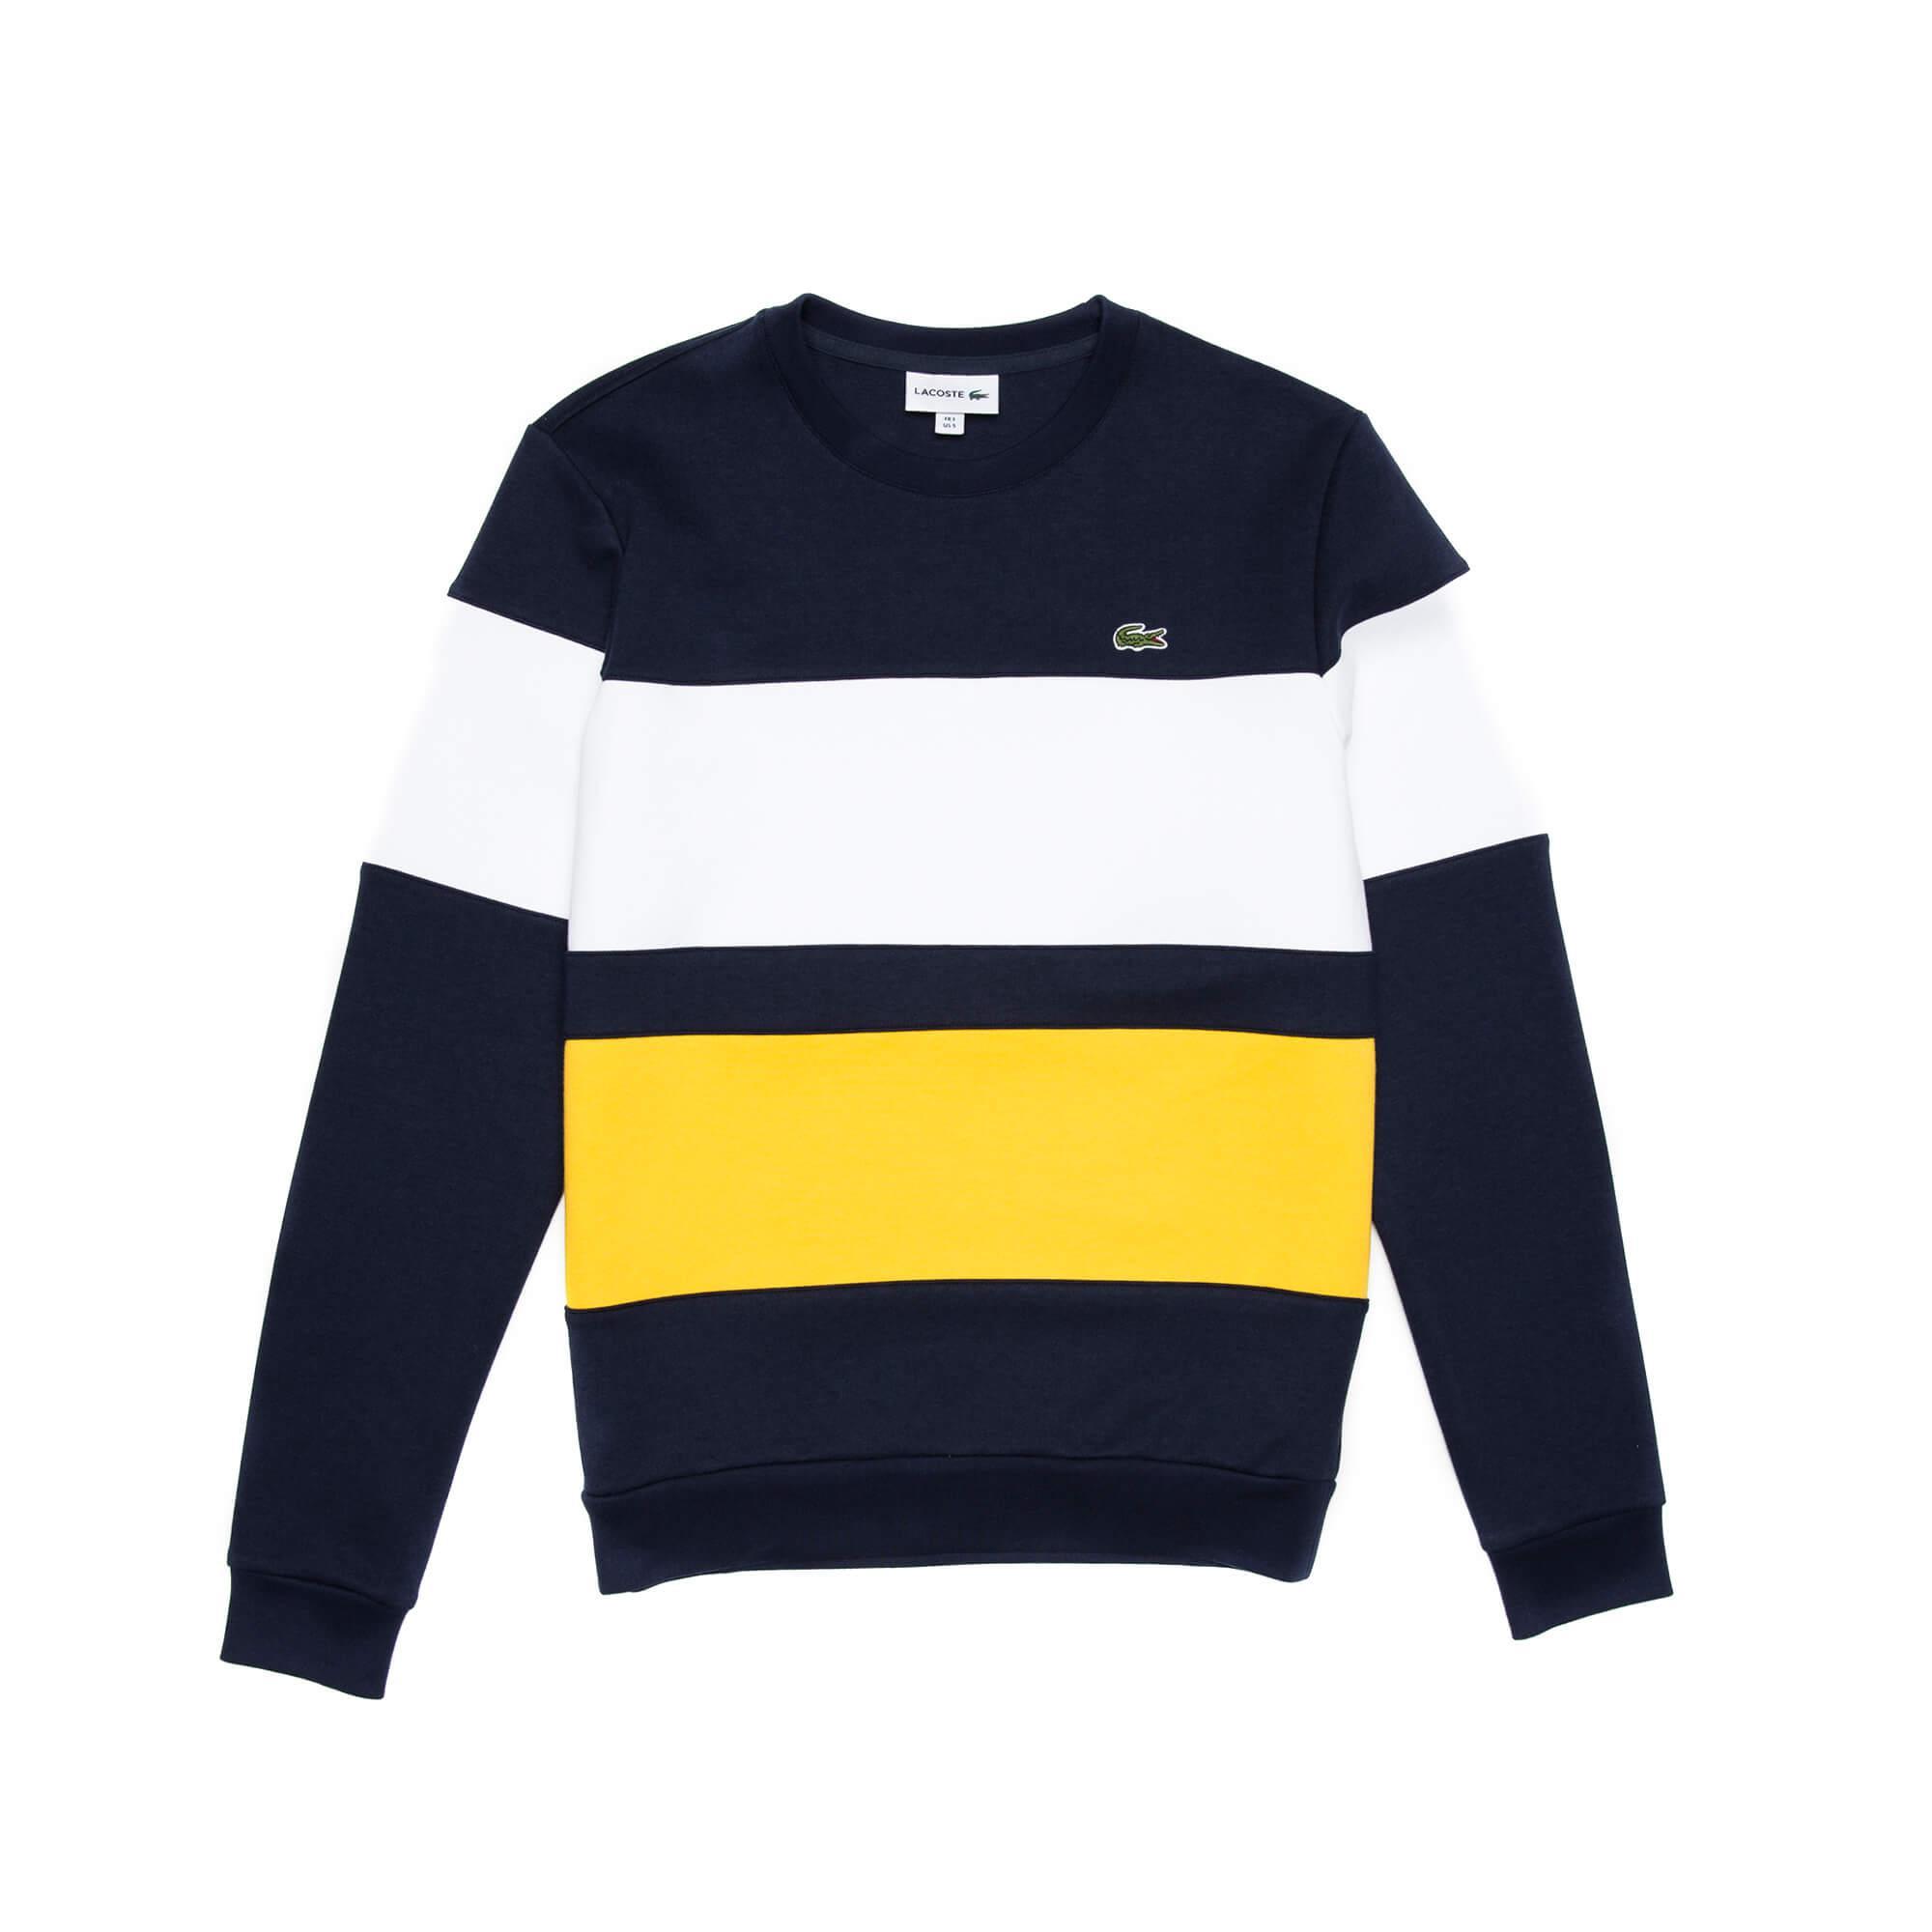 Lacoste Erkek Renk Şeritli Sweatshirt